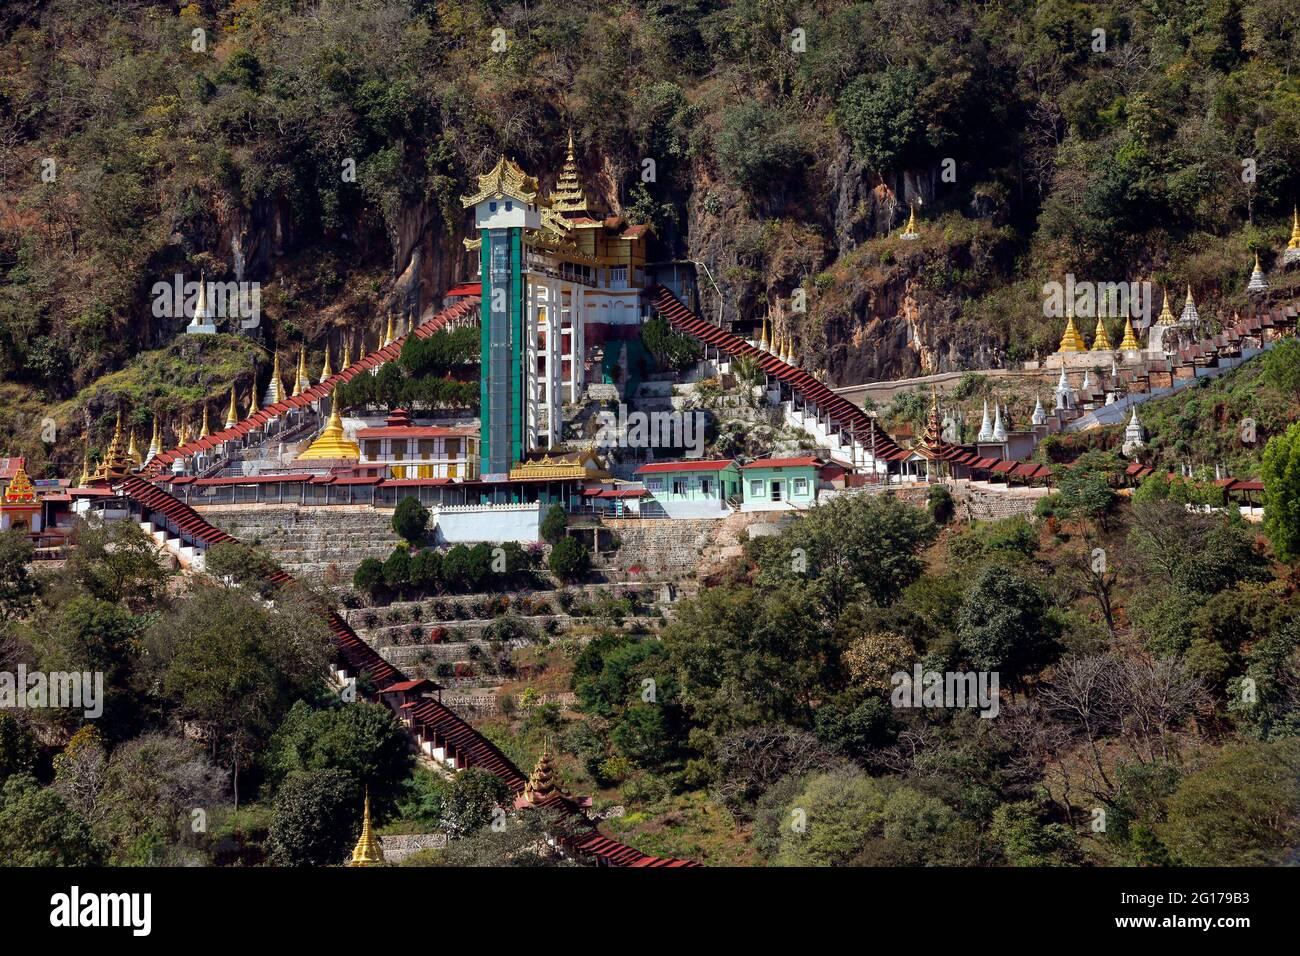 La entrada al templo de la cueva de Pindaya, en lo alto de una colina en Myanmar (Birmania). El interior del templo de la cueva contiene más de 8000 imágenes de Buda el earli Foto de stock